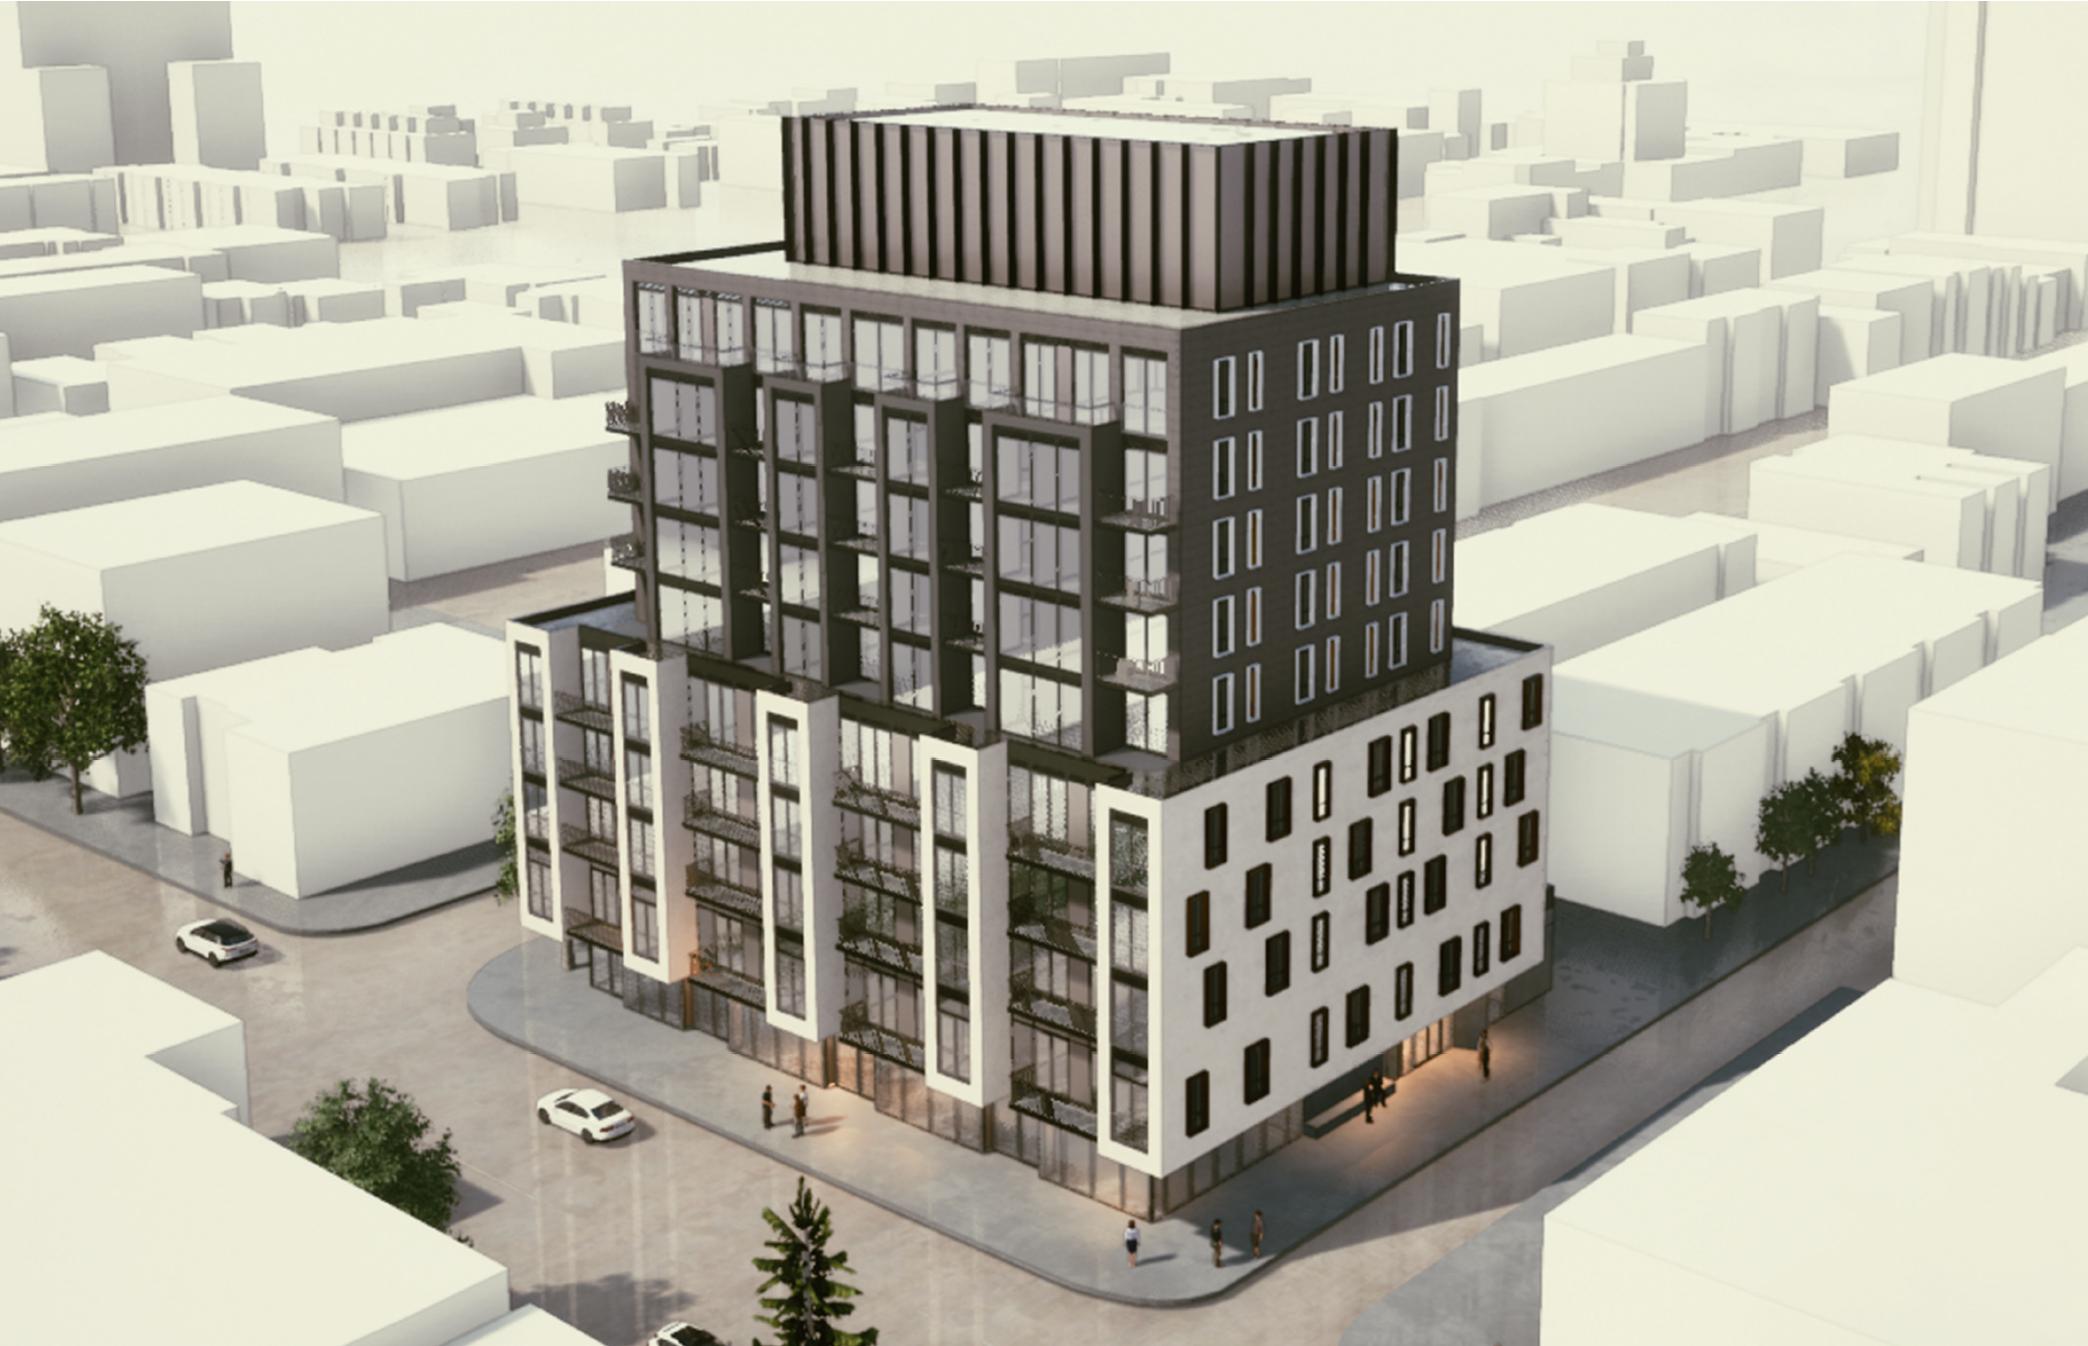 401 Dundas Avenue East, Toronto, designed by BDP Quadrangle for Plaza Partners